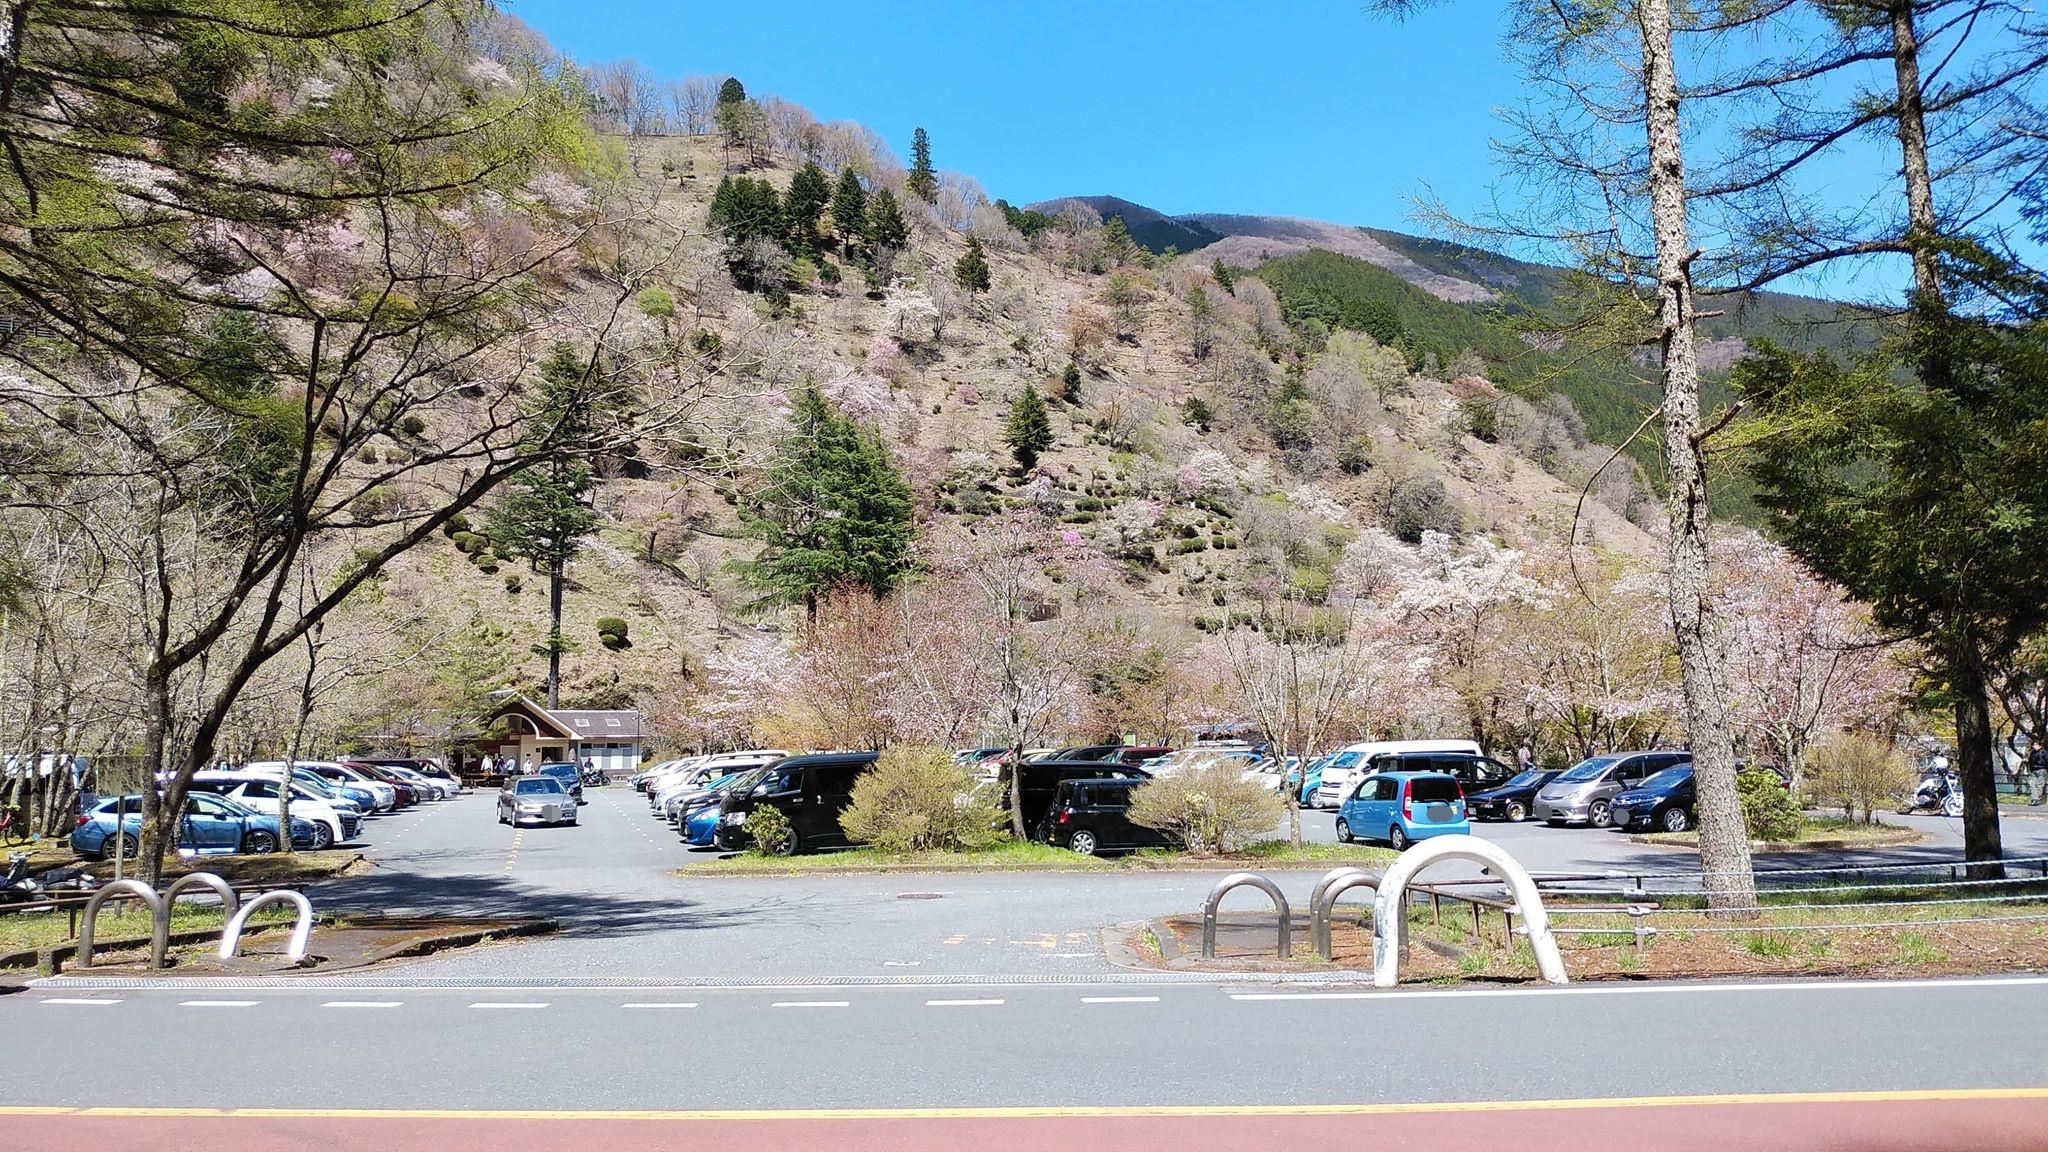 奥多摩町の駐車場に満車の車たち